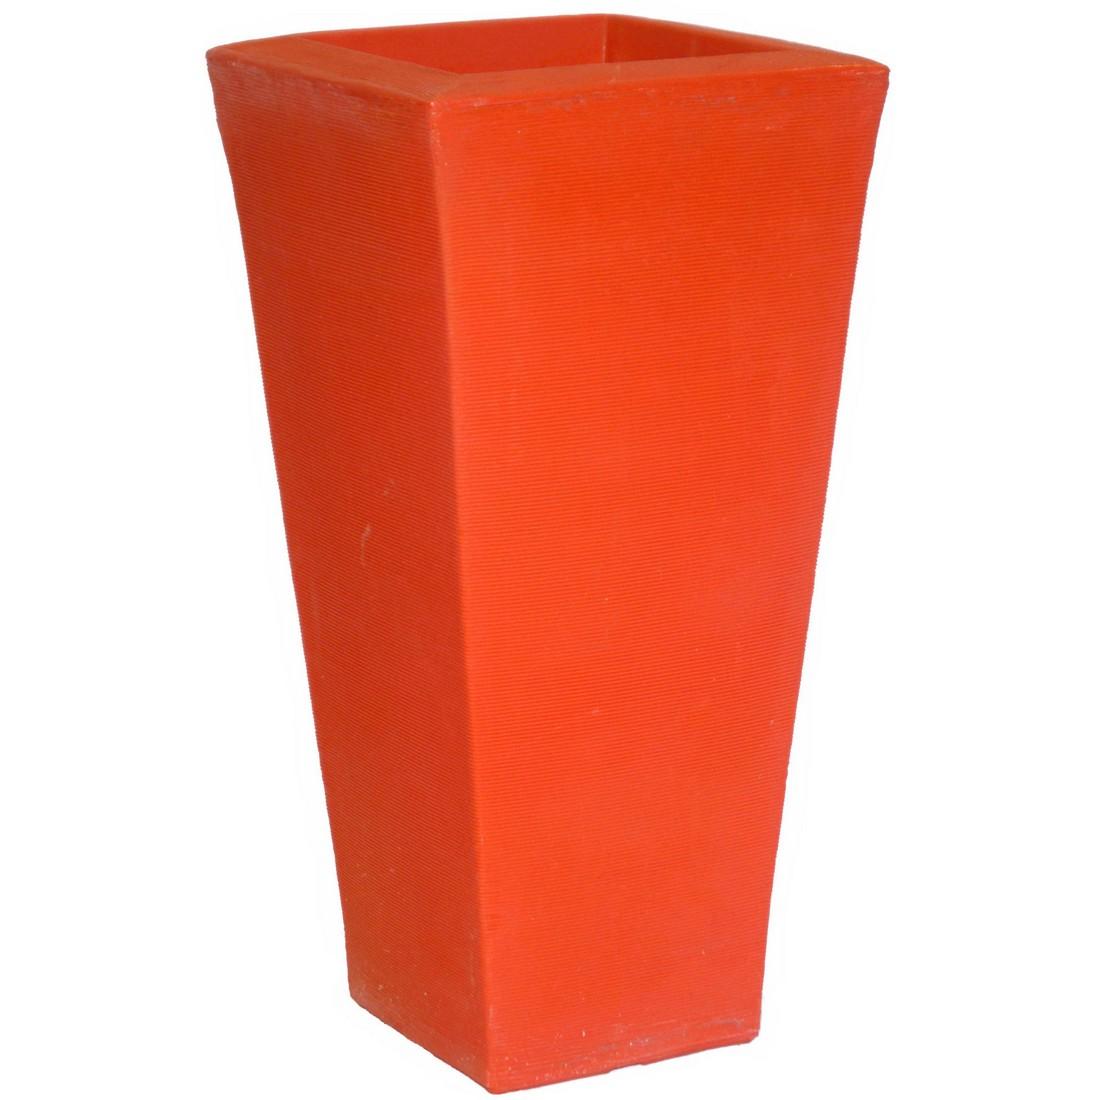 Pflanzkübel Red – Kunststoff – Chelsea – Höhe: 112 cm Breite: 56 cm (einzeln), Cresent Garden günstig kaufen